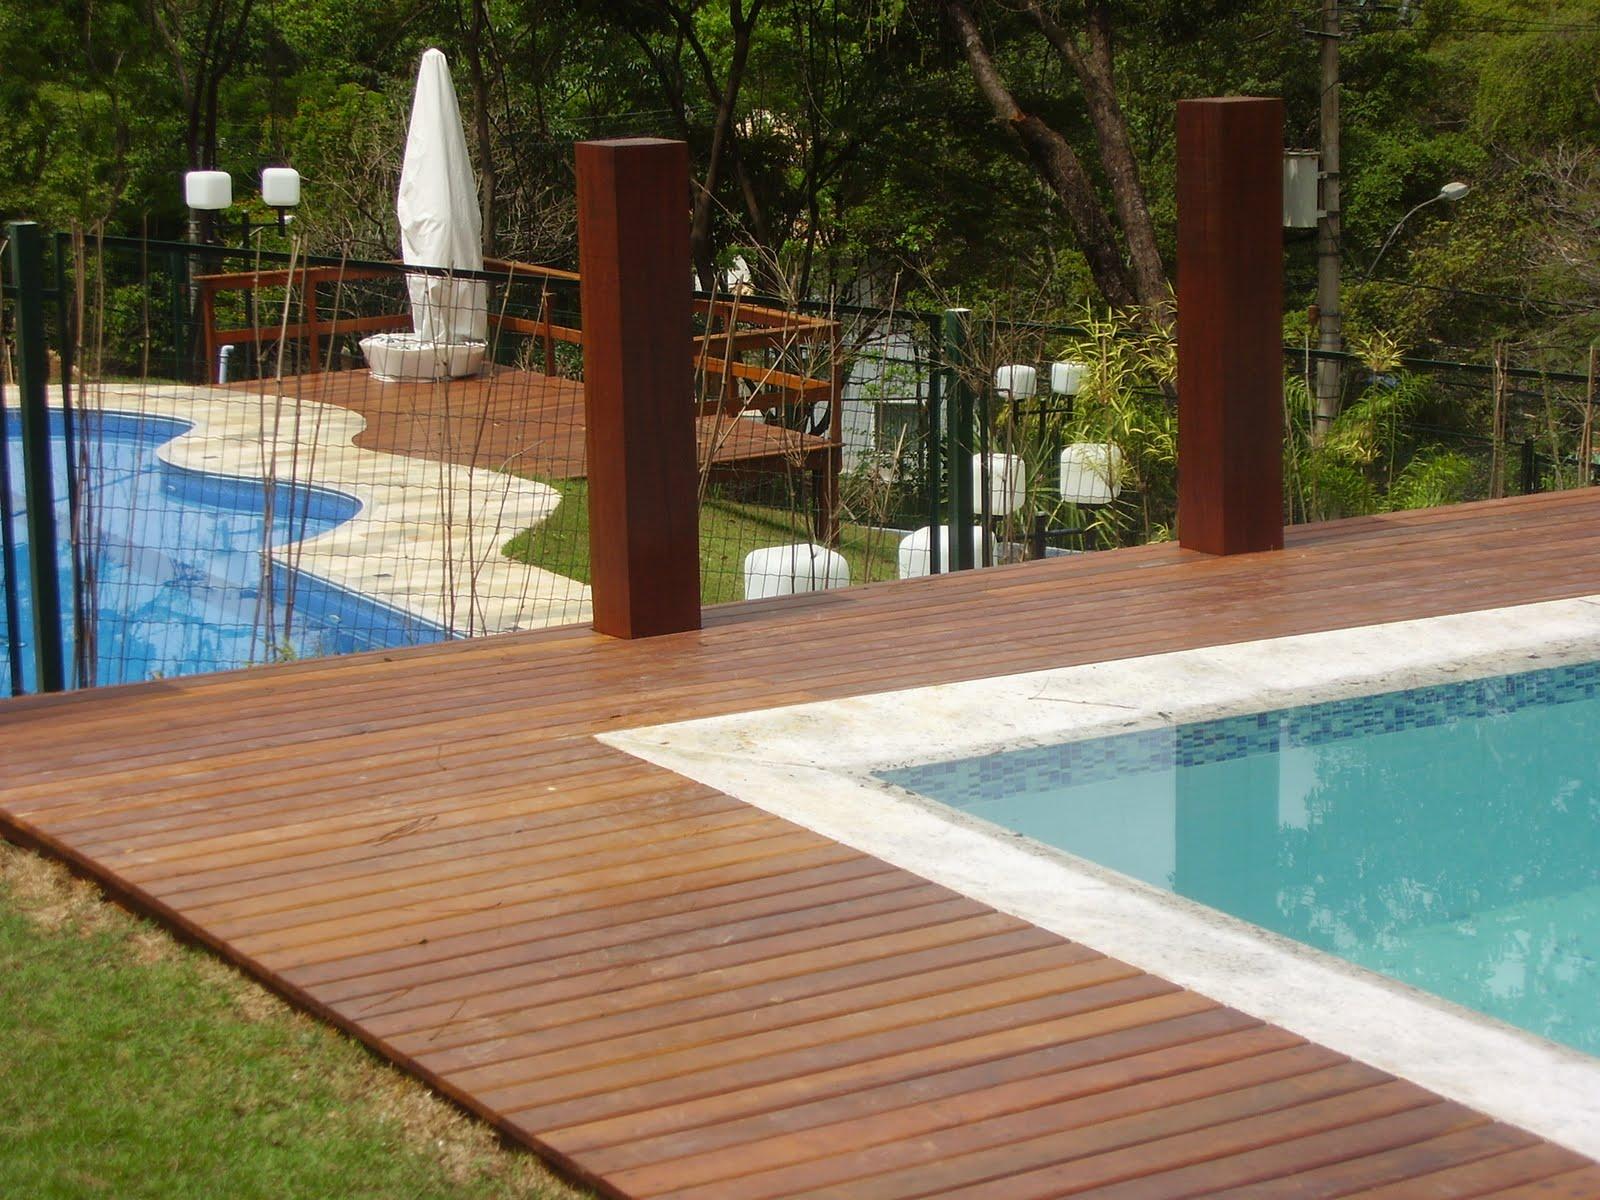 12 modelos de deck de madeira para piscinas for Ver modelos de piscinas